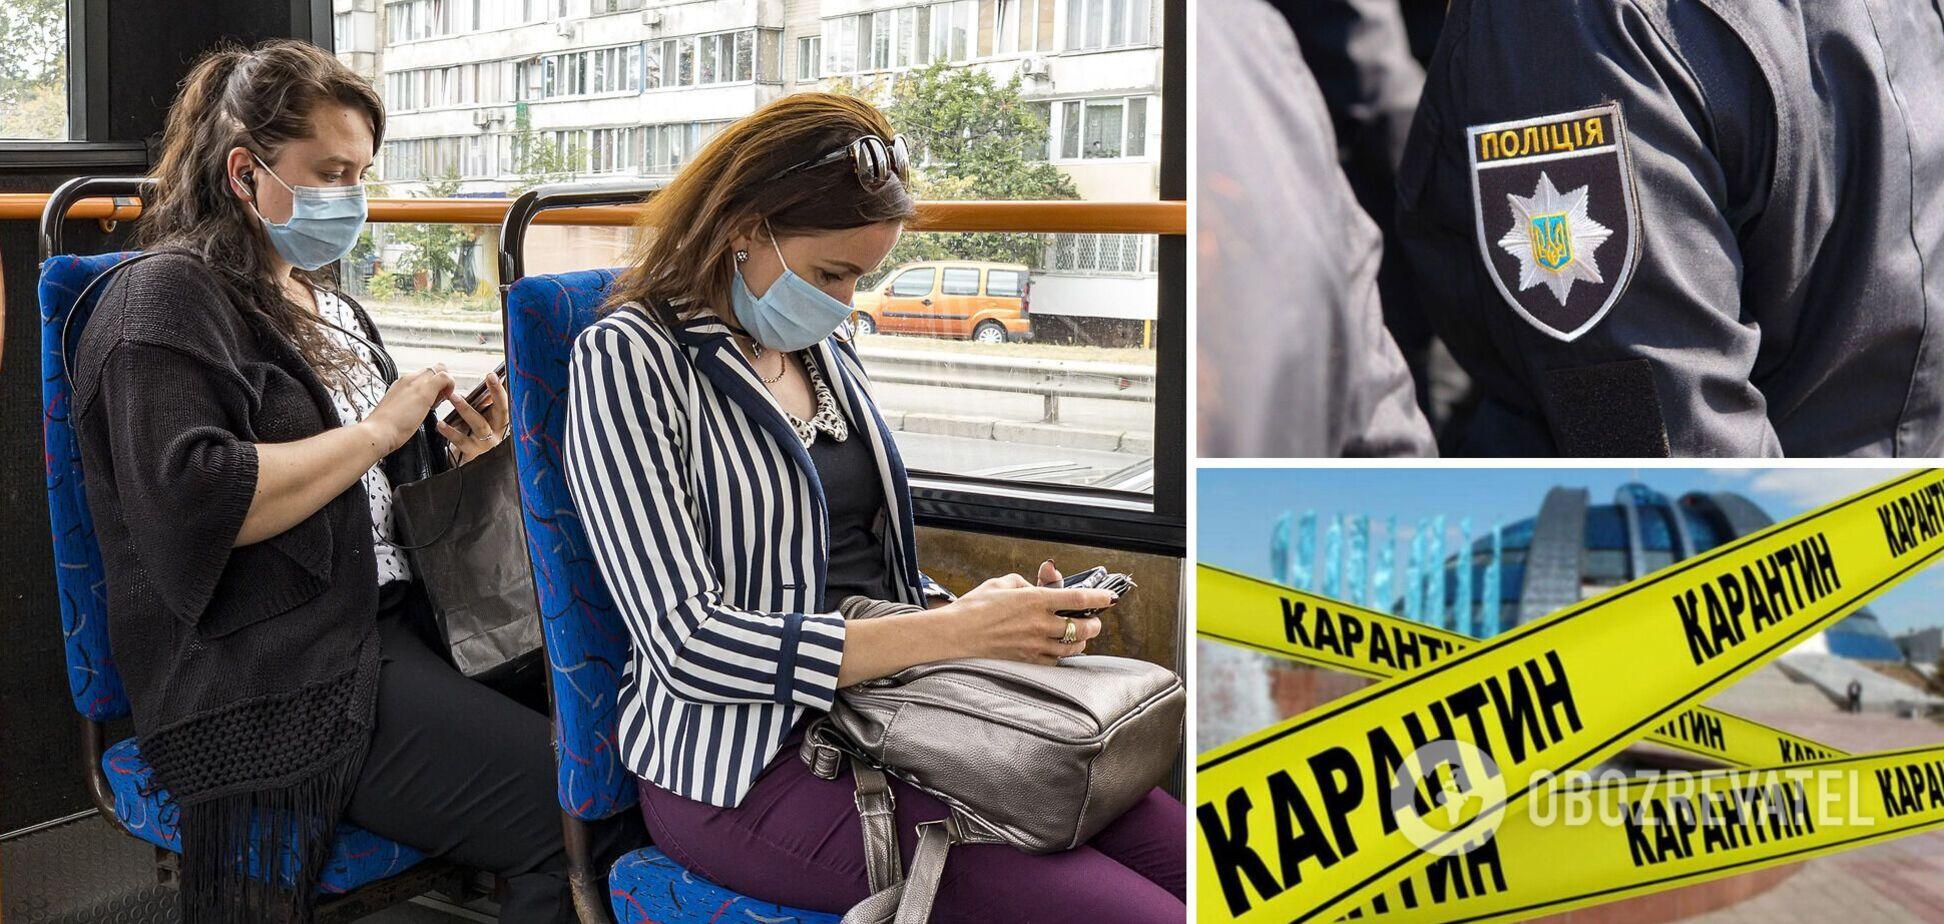 В Украине опять будут штрафовать за нарушение карантина